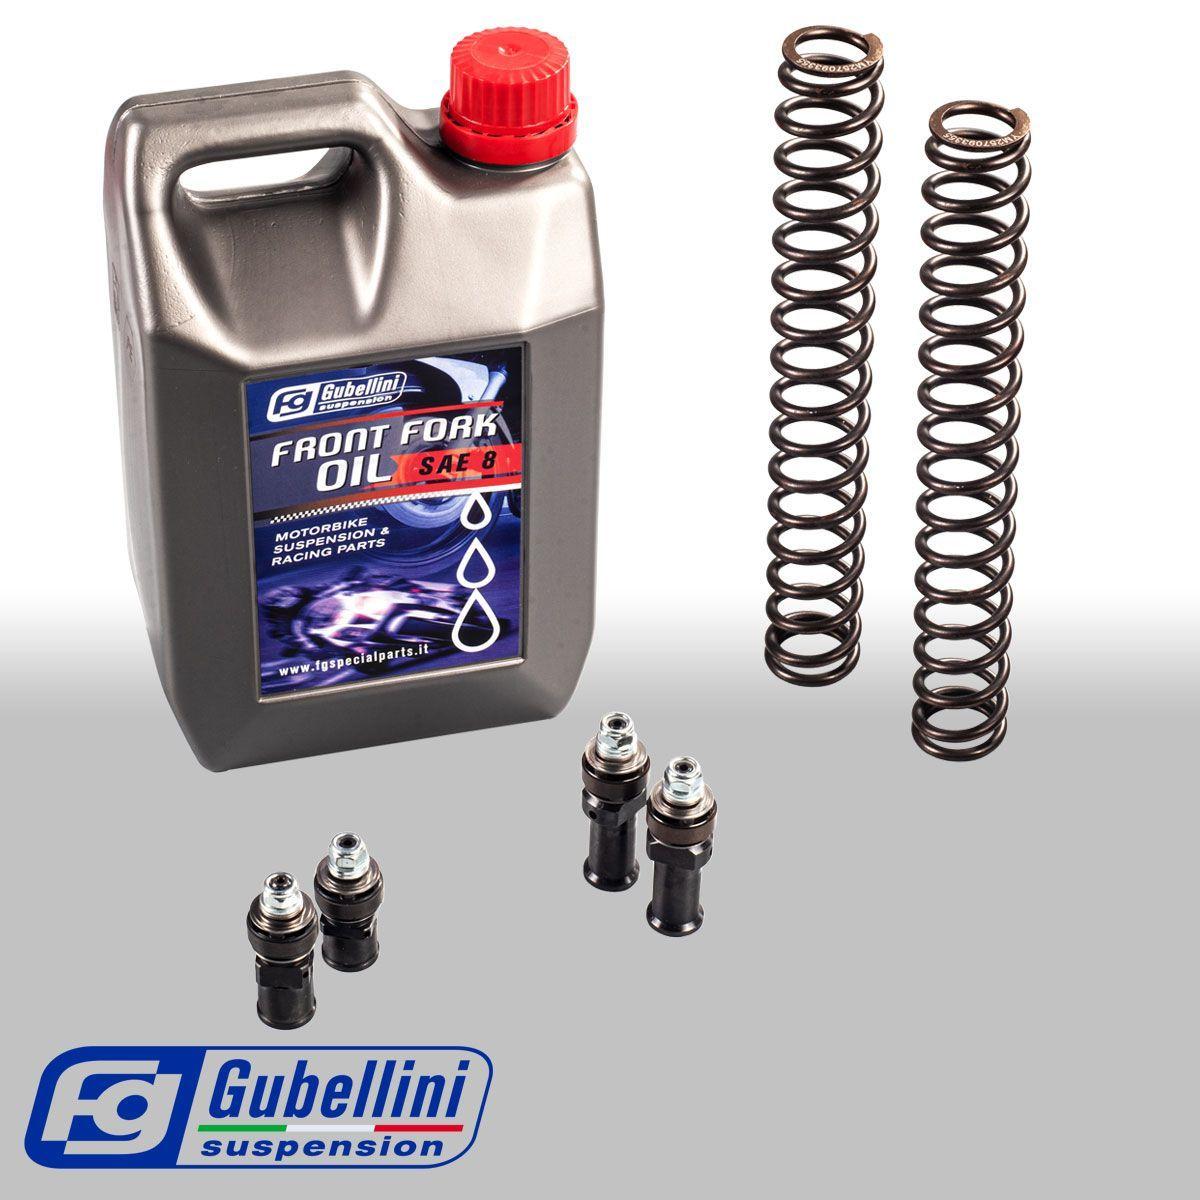 Kit idraulico FGKF